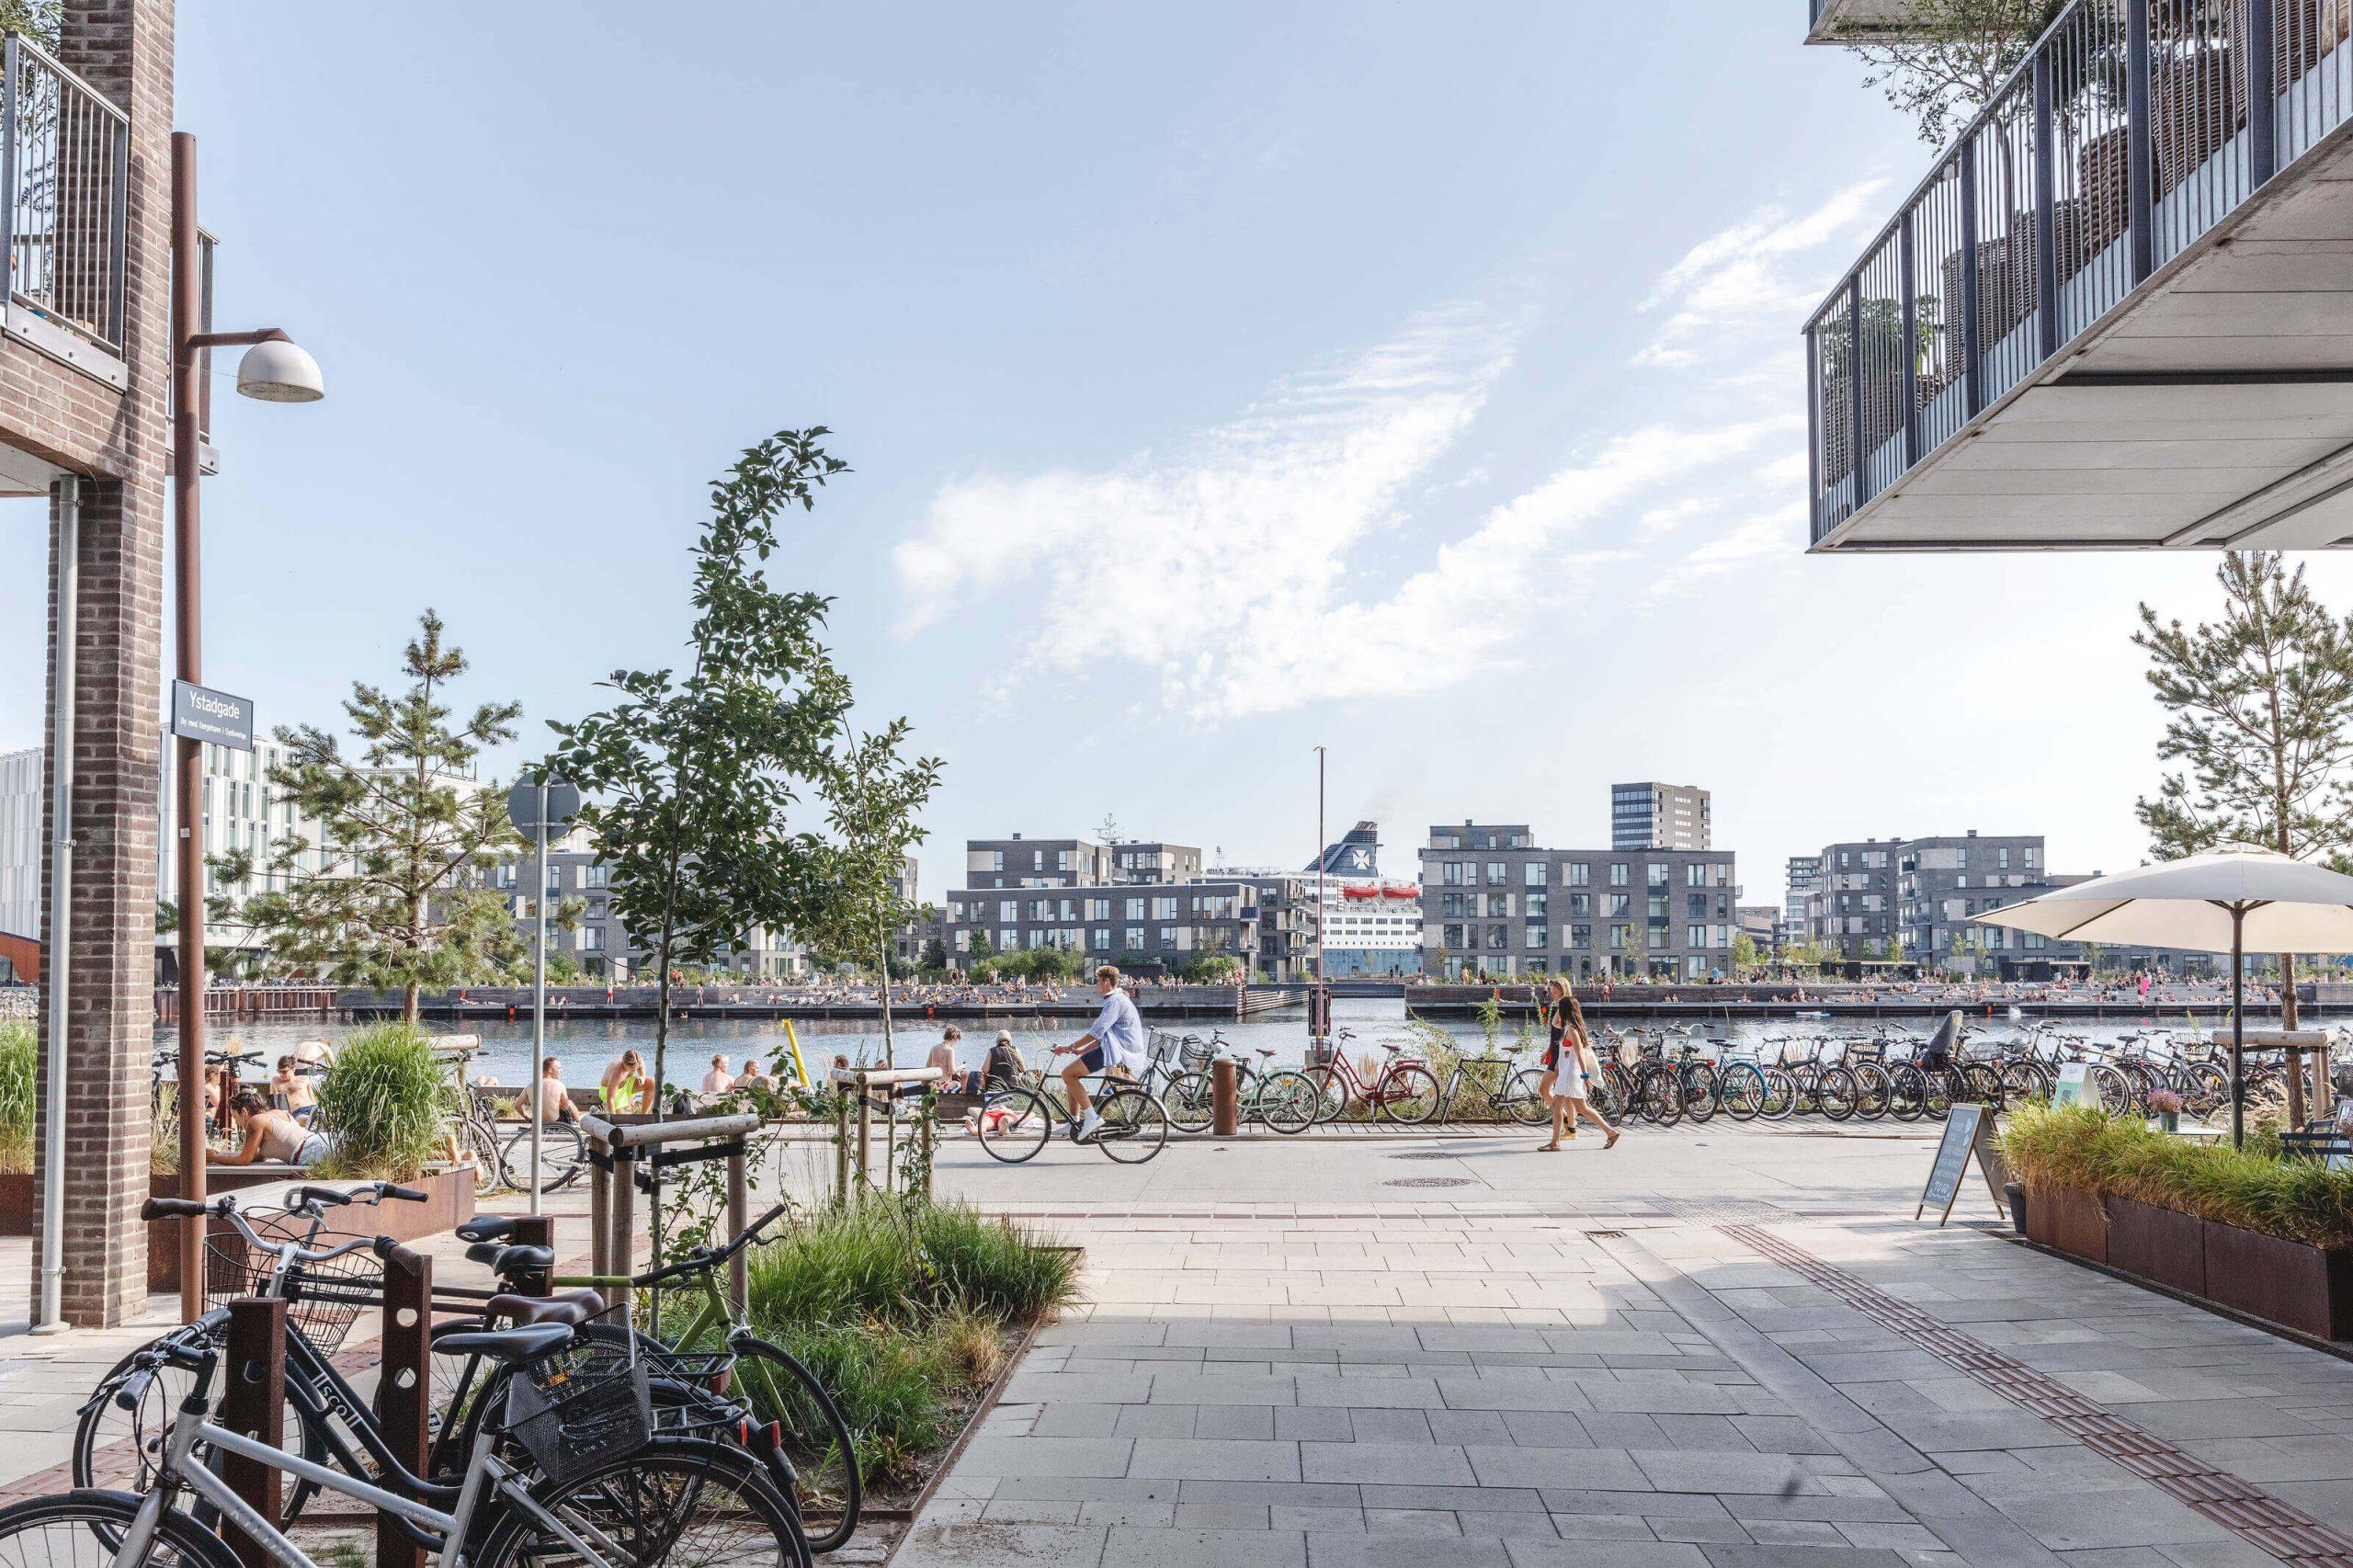 Nordhavn foto Rasmus Hjortshoj COAST 2